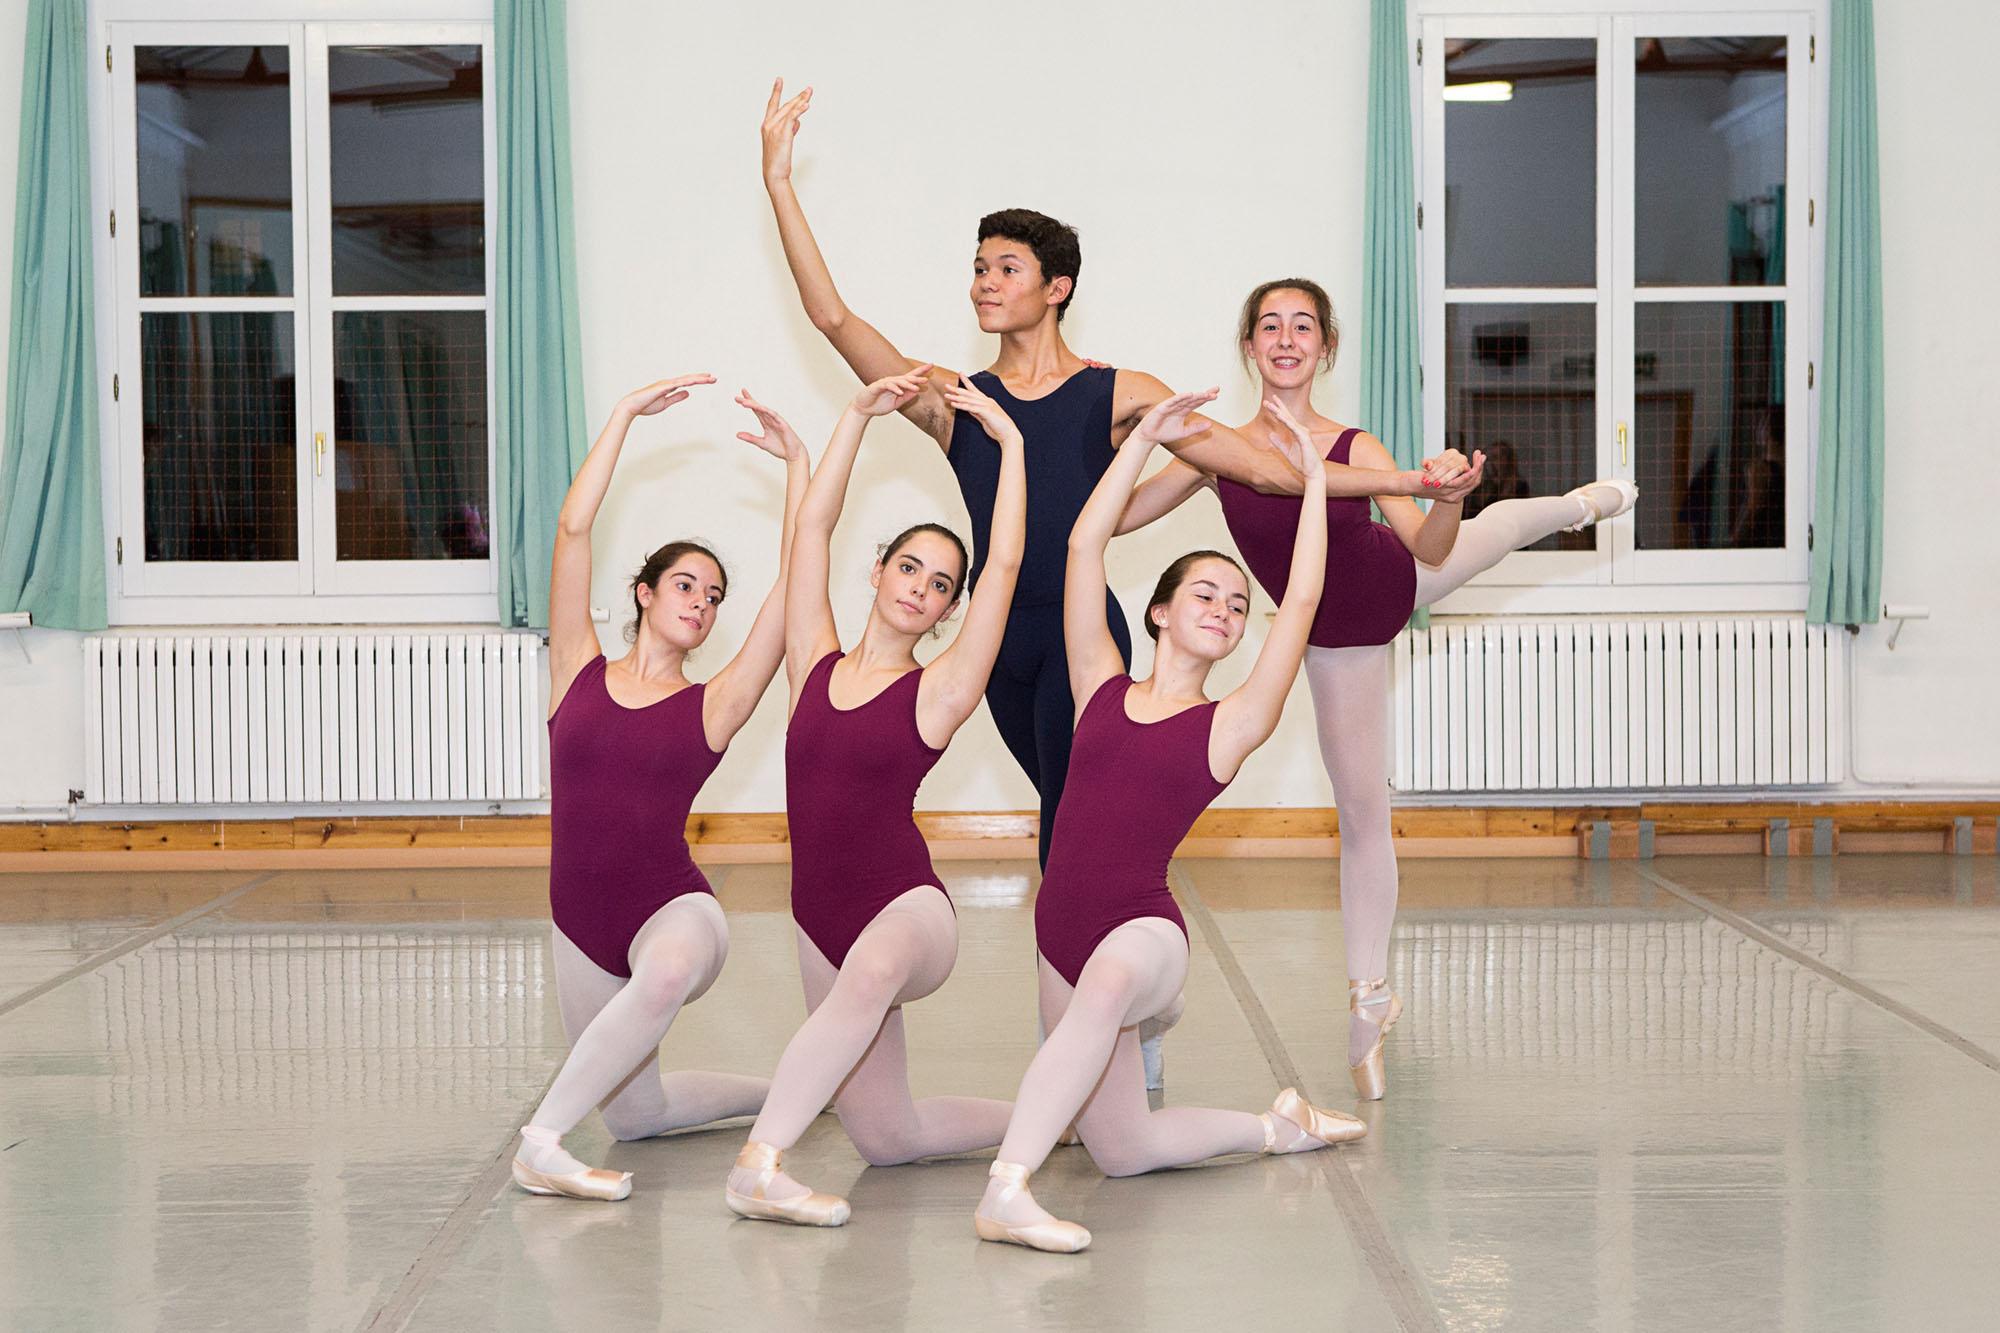 Fotos conservatorio danza biqubica - Conservatorio de ibiza ...